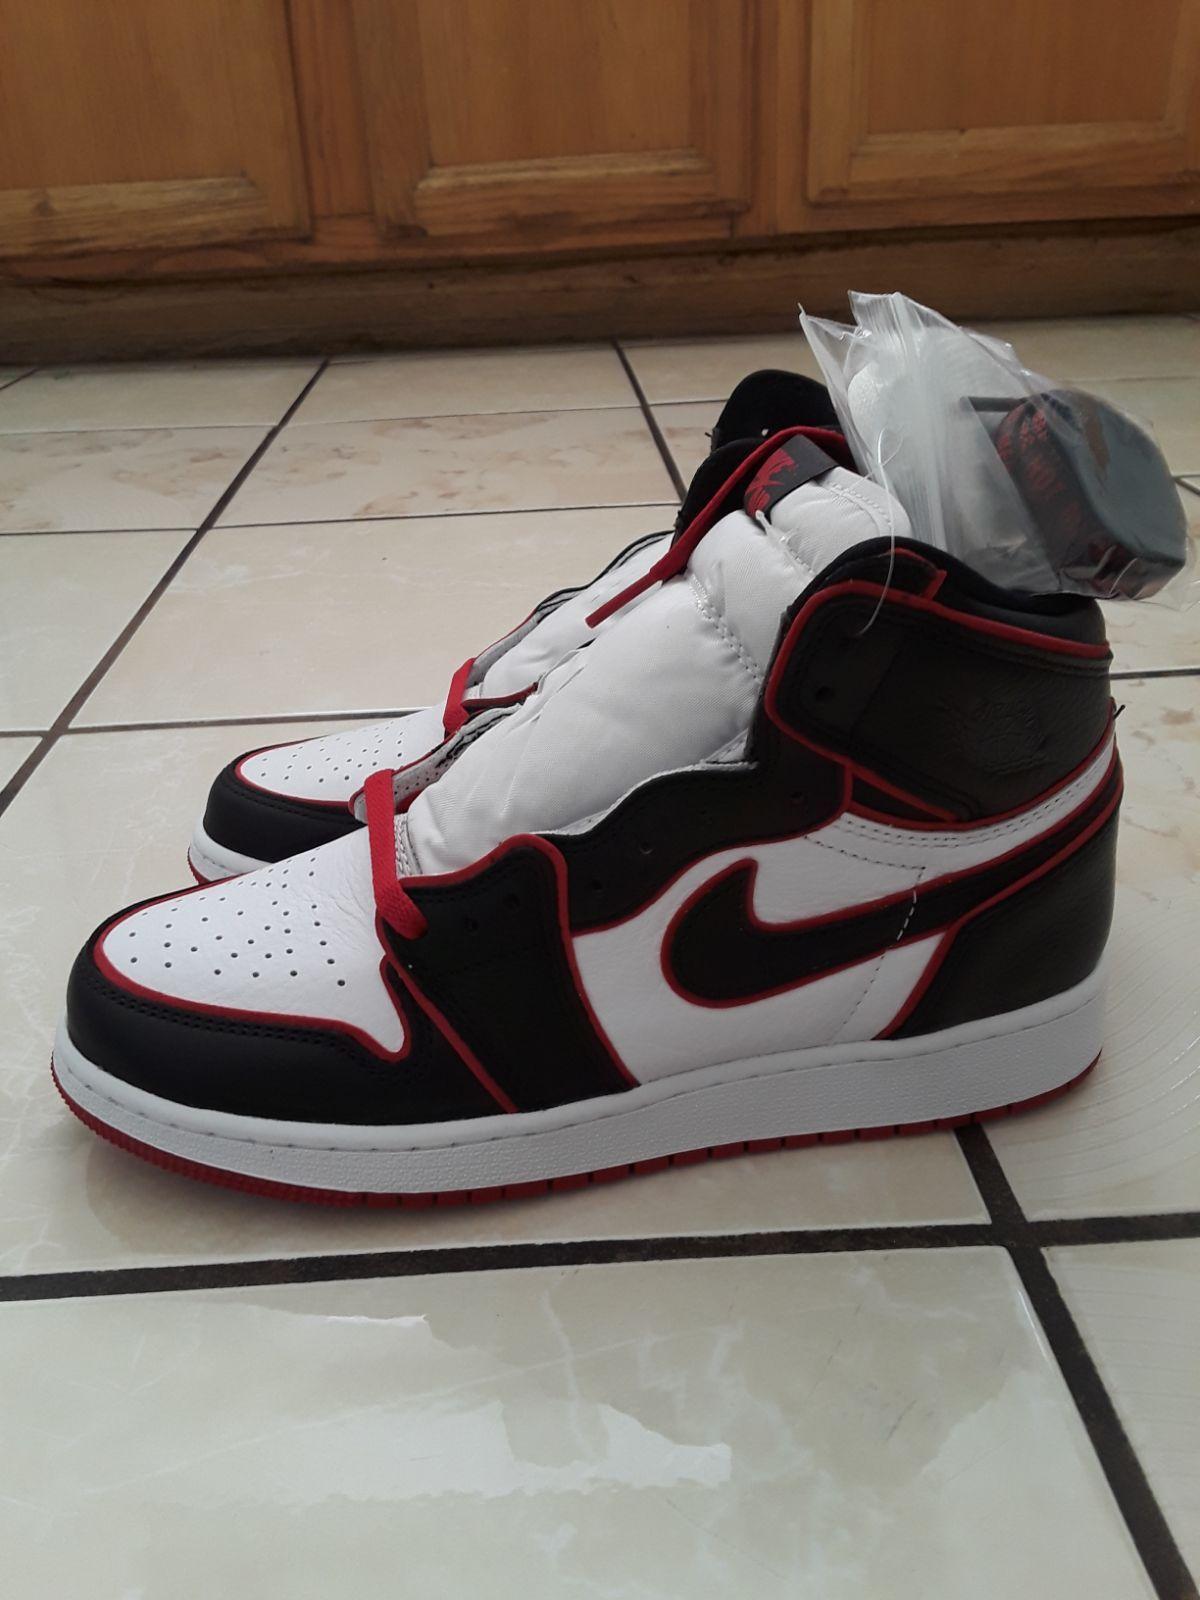 Brand new Jordan 1 Bloodline in grade school size 6.5Y. Will ...